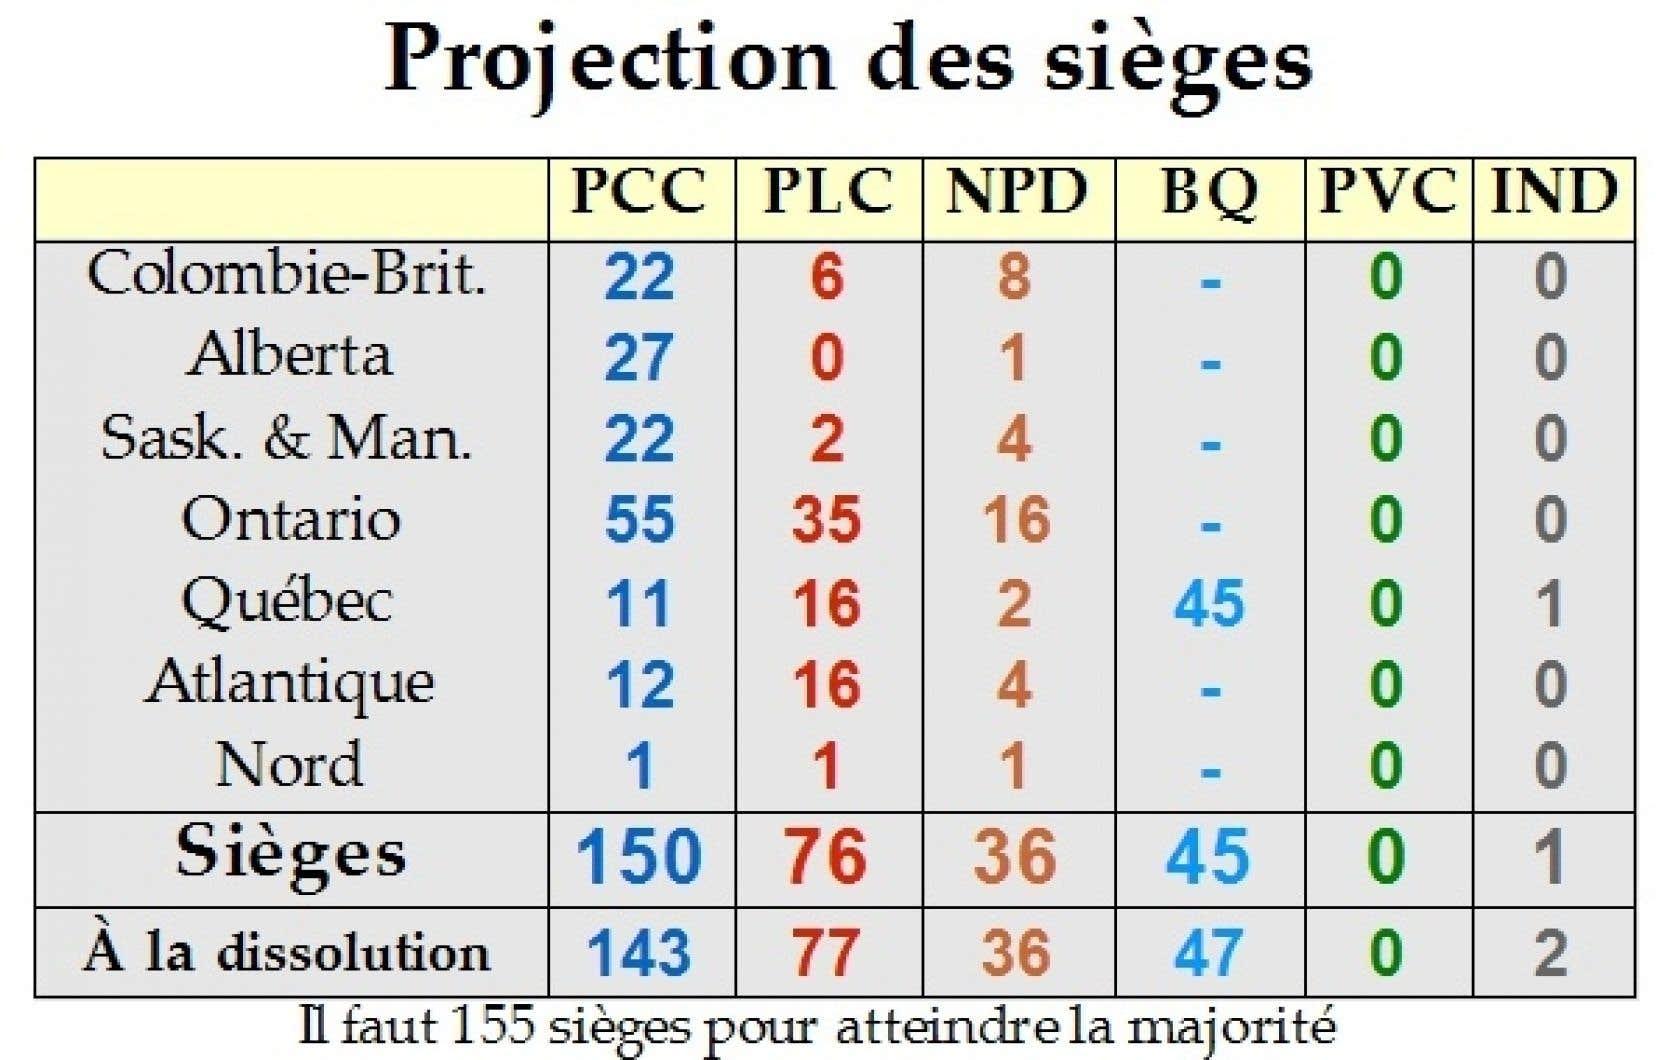 Projection du nombre de sièges par partis et par provinces